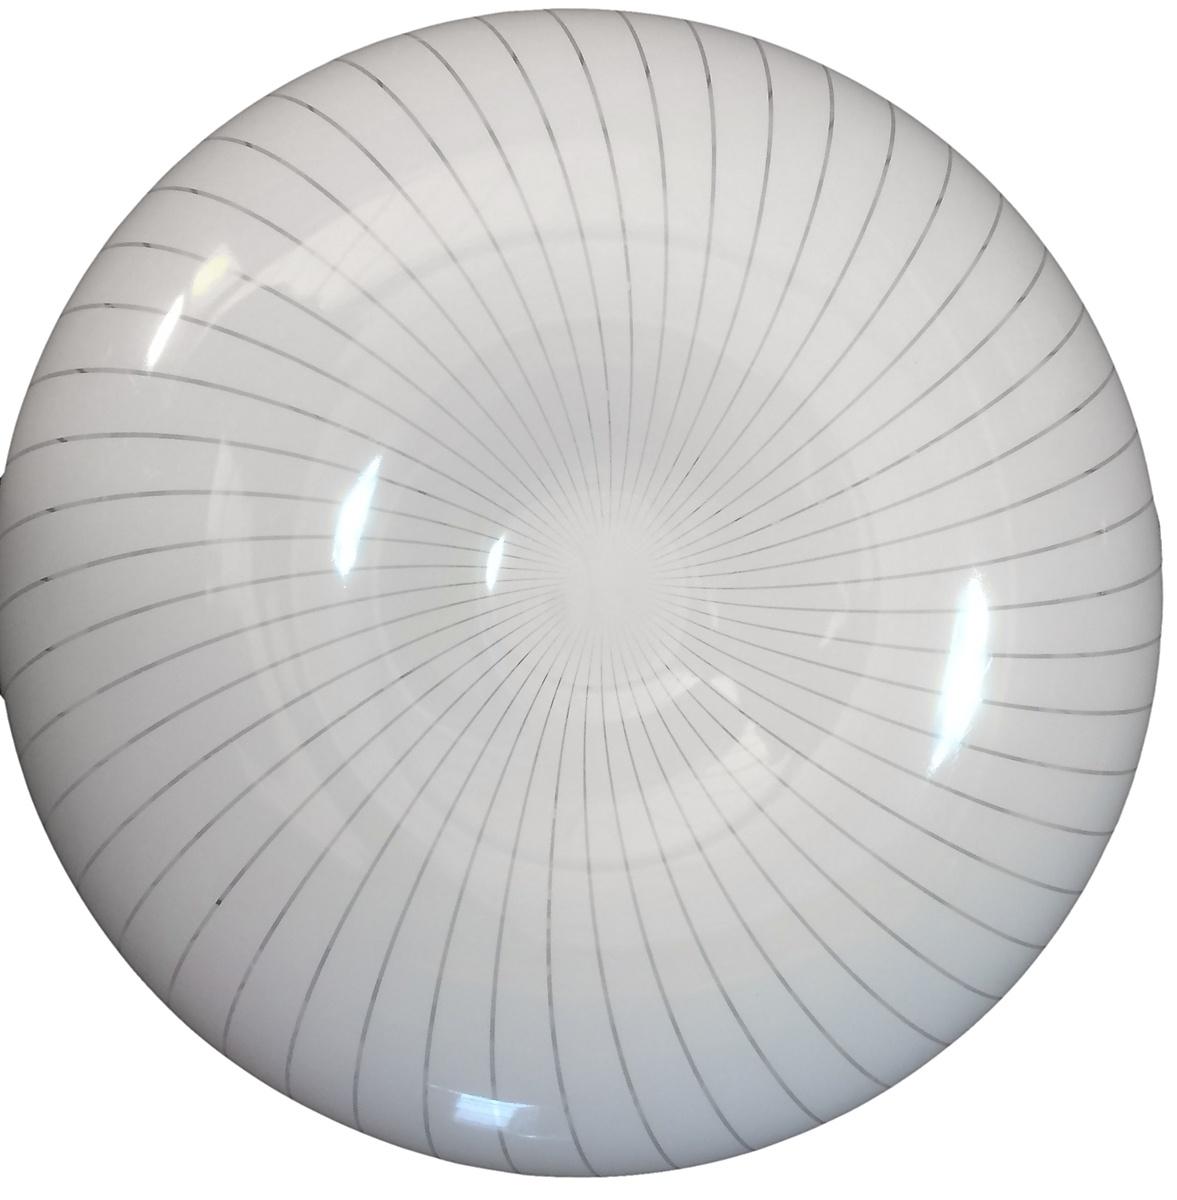 Потолочный светильник ULTRALIGHT 6018d340, светло-серый потолочный светильник лампландия edmon светло серый